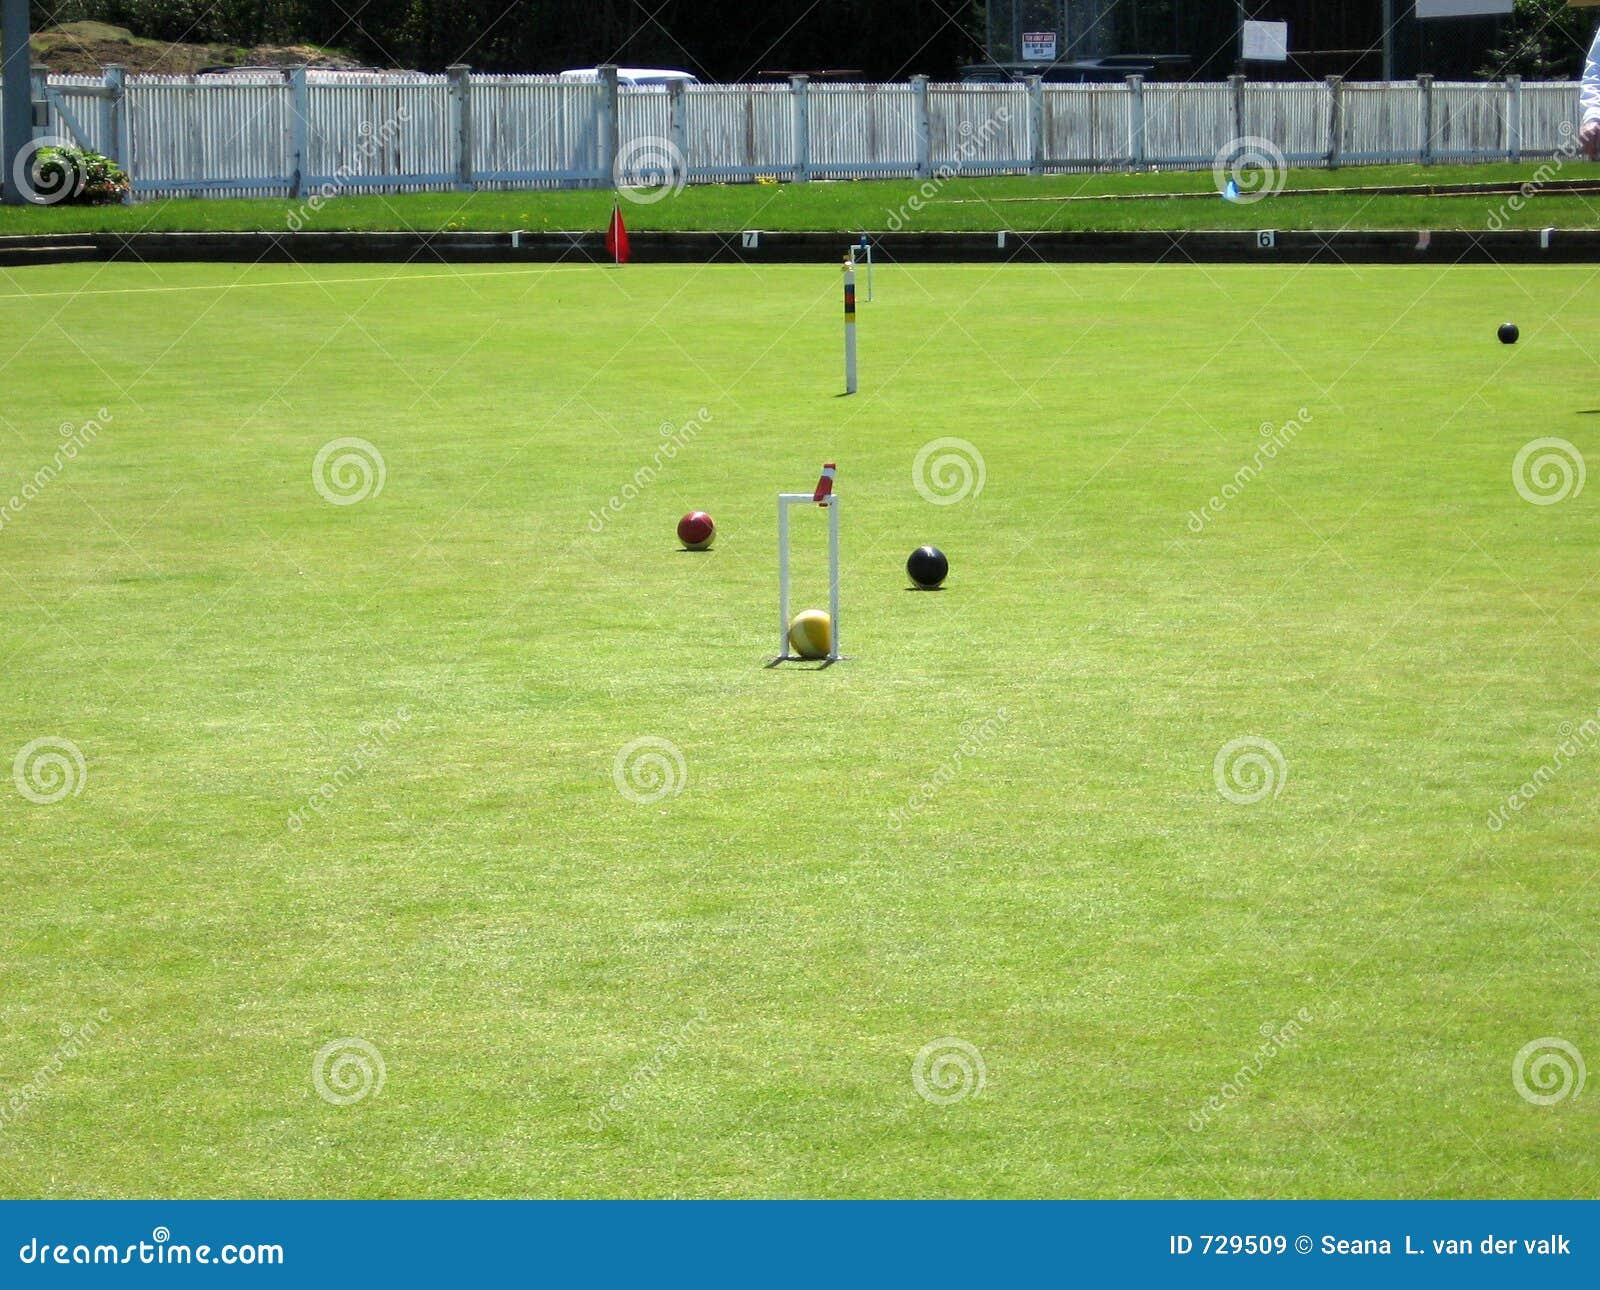 terrain de jeu de jeu de croquet images libres de droits image 729509. Black Bedroom Furniture Sets. Home Design Ideas